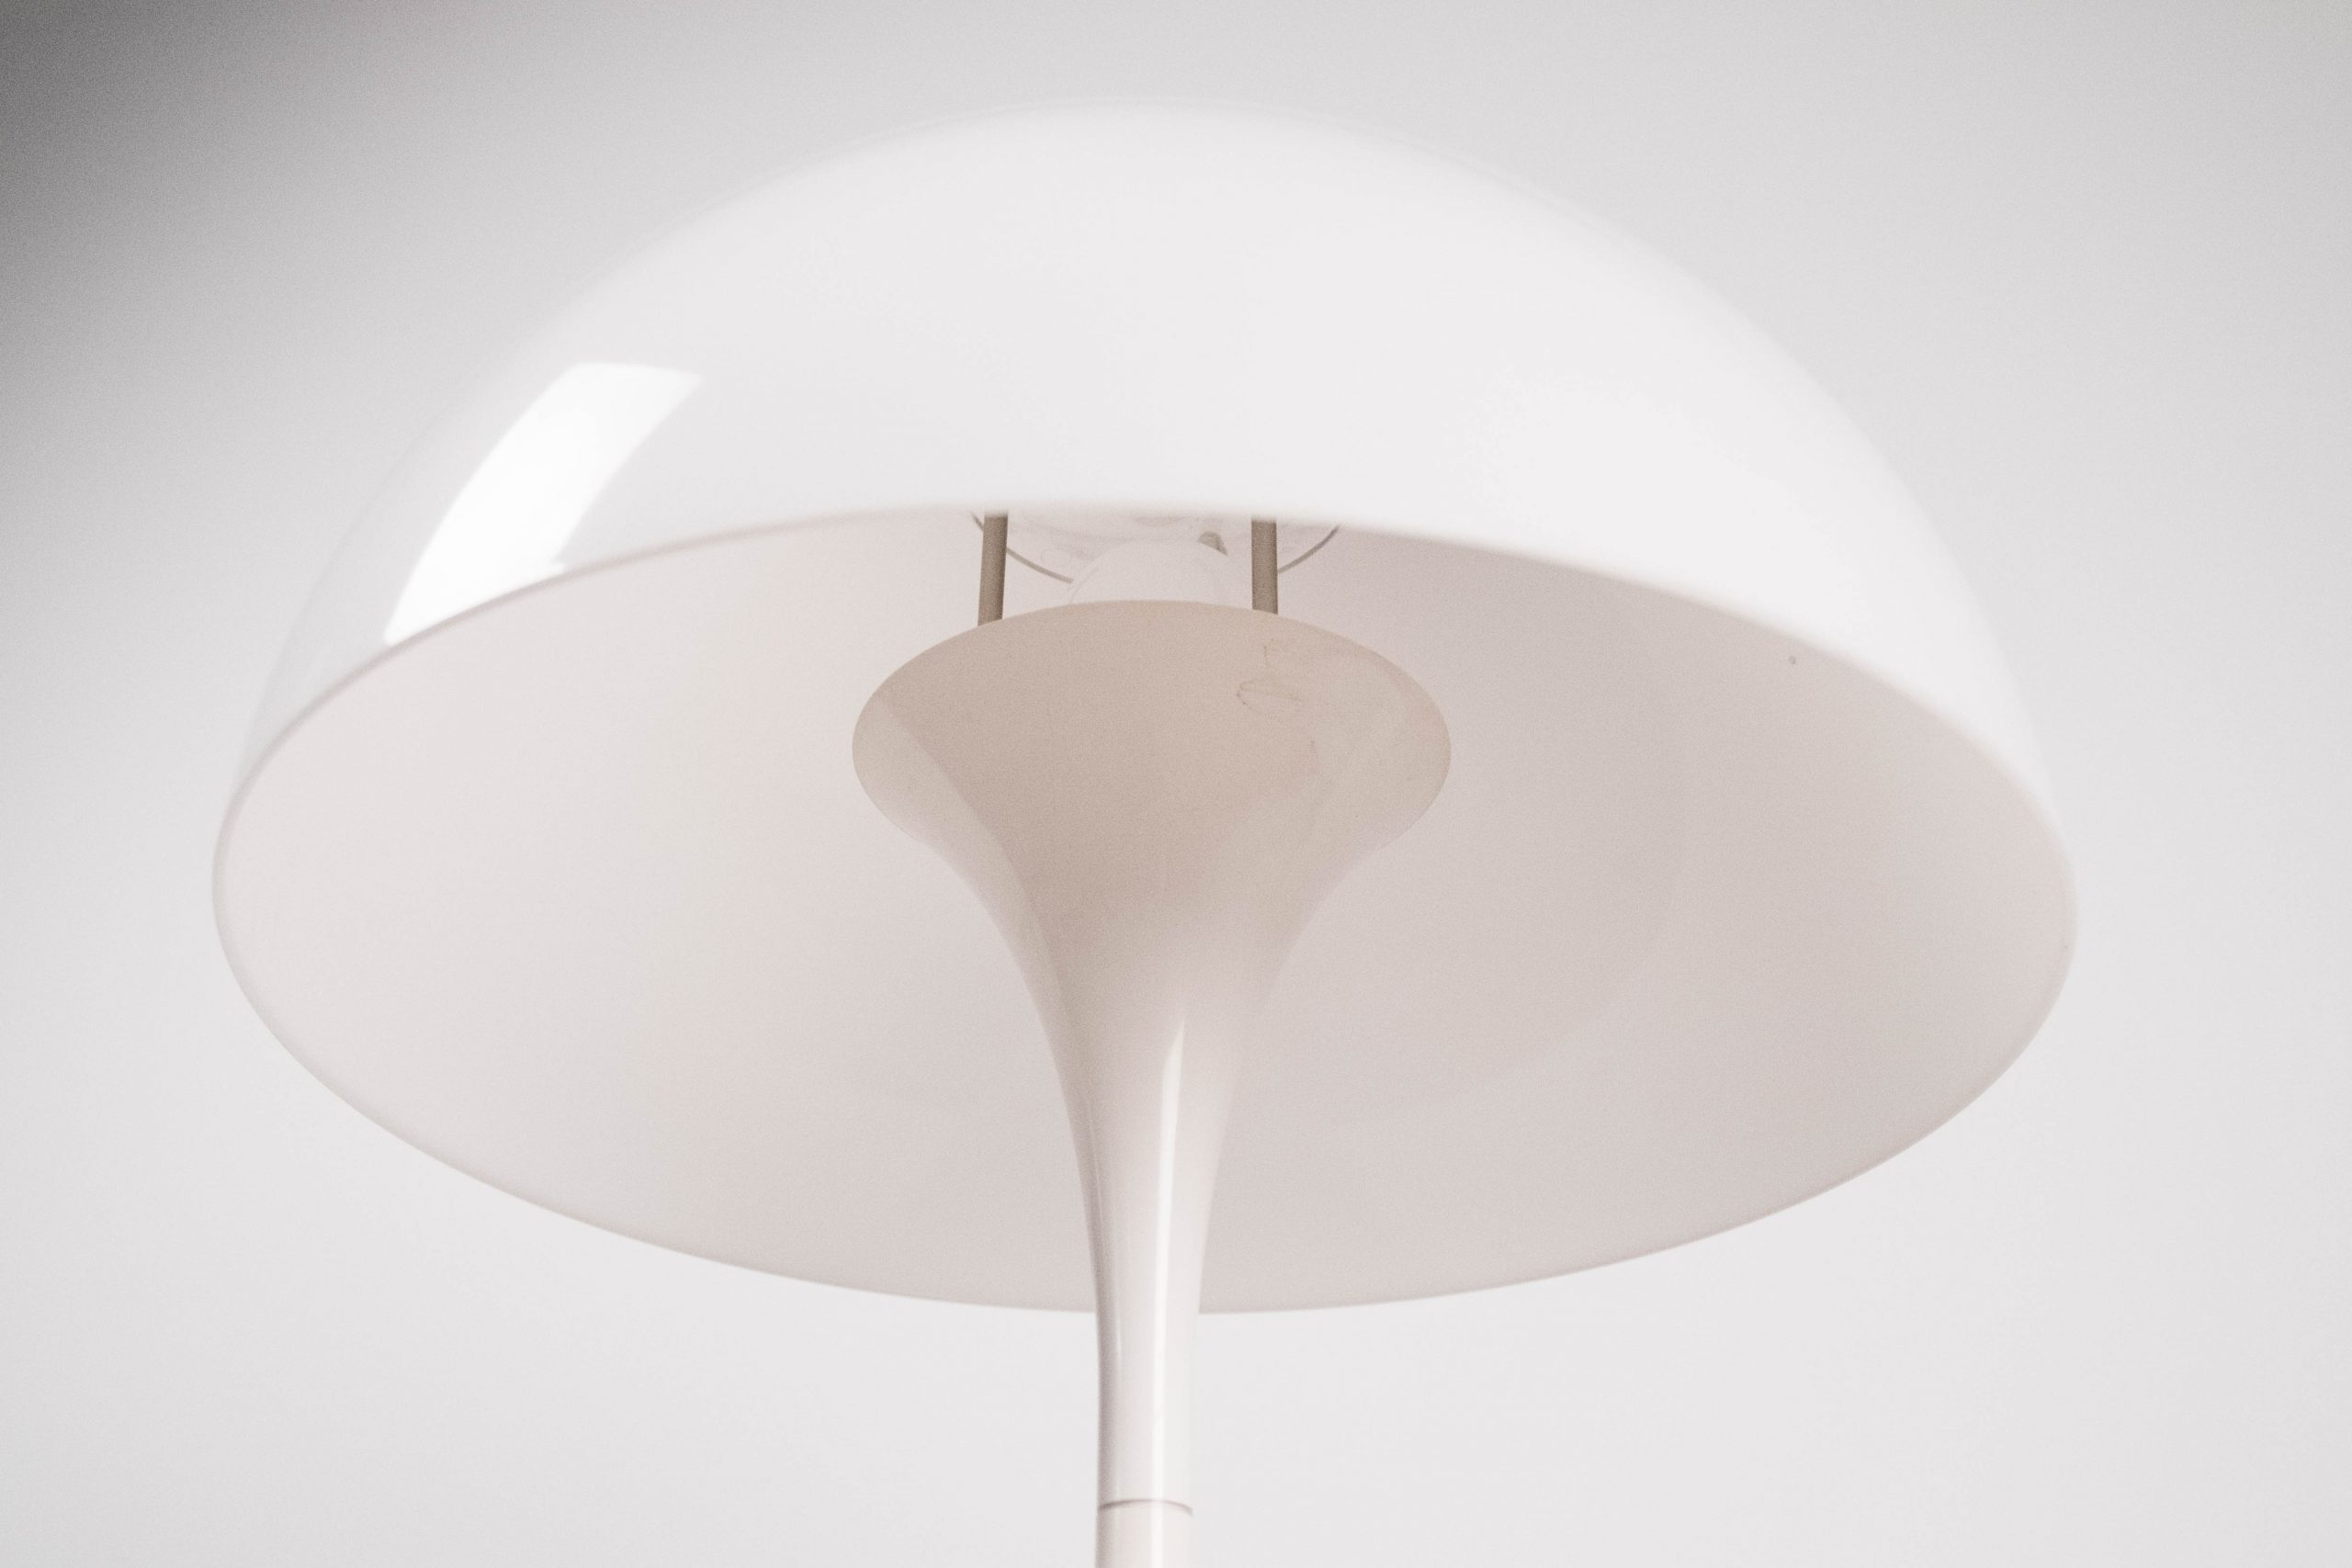 lampara italiana de diseño fabricada a mano en italia vintage retro de mesa